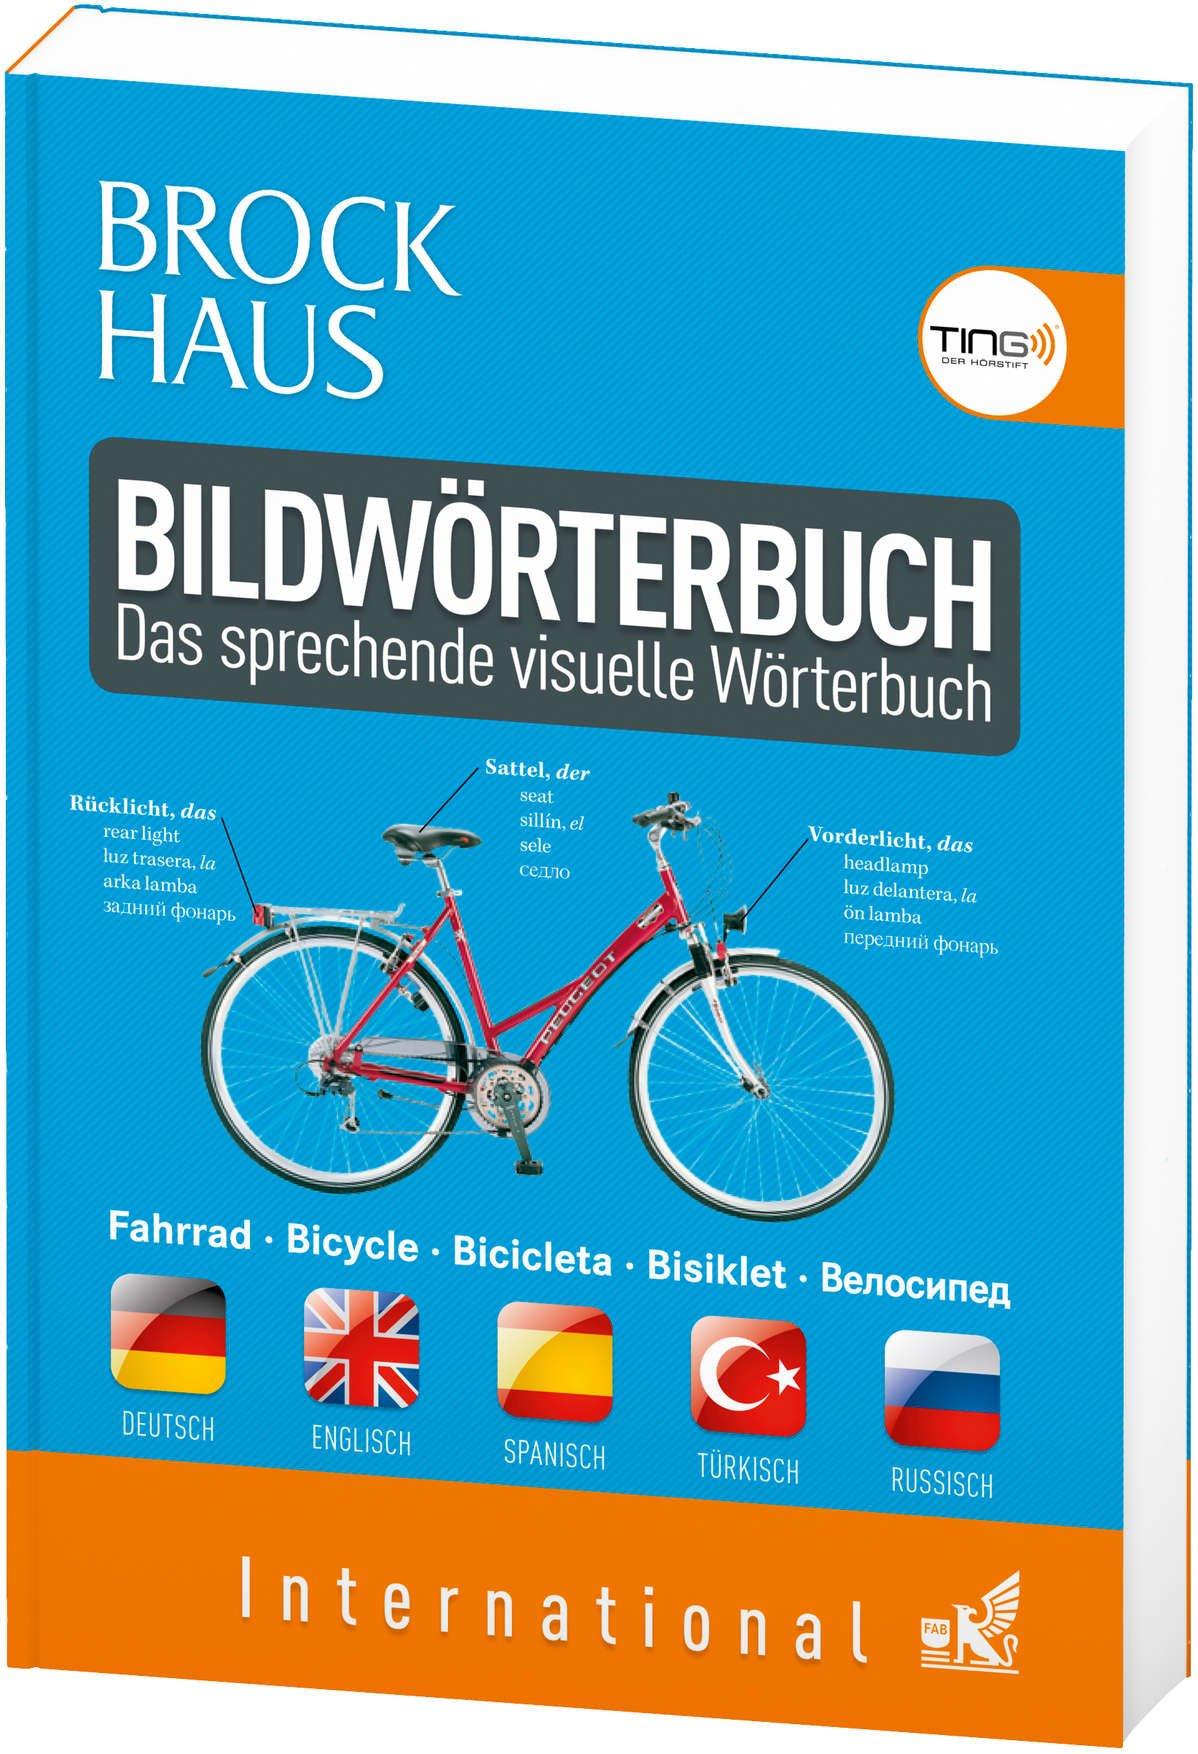 Brockhaus Bildwörterbuch international (TING fähig): Deutsch - Englisch - Spanisch - Türkisch - Russisch